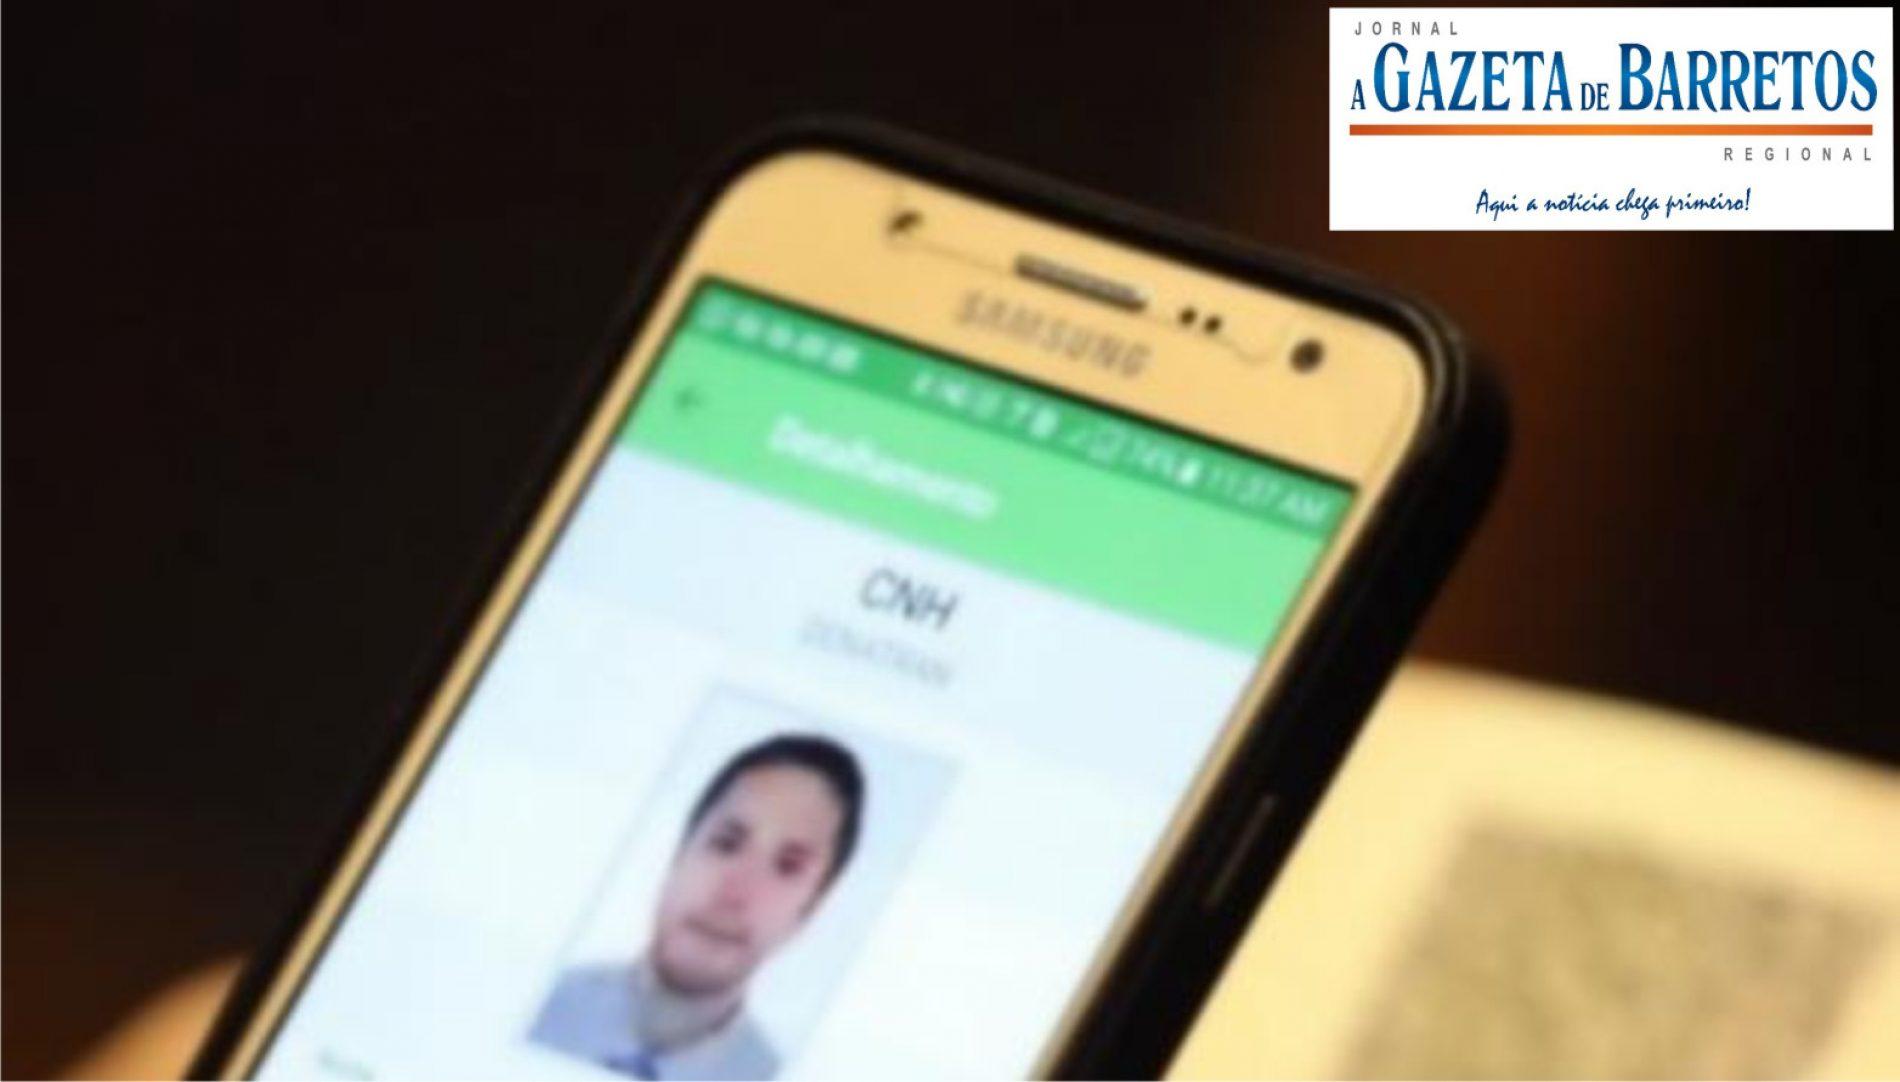 Carteira de motorista virtual entra em vigor em fevereiro